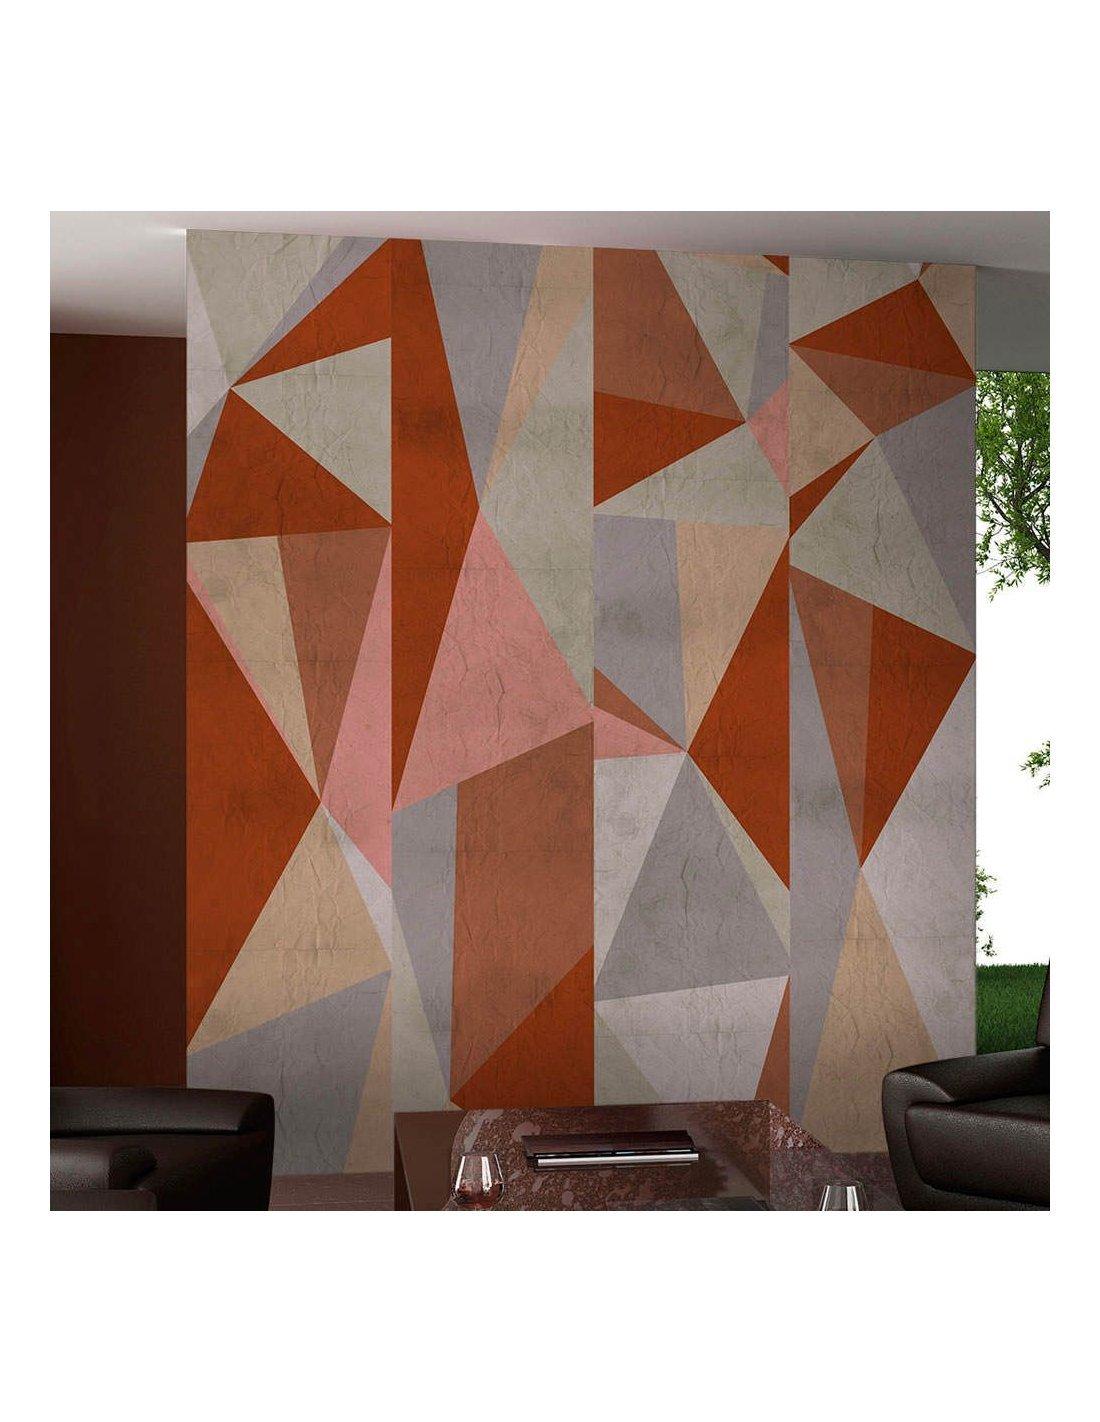 Papier Peint Triangles Composition A 64 90 Chez Recollection